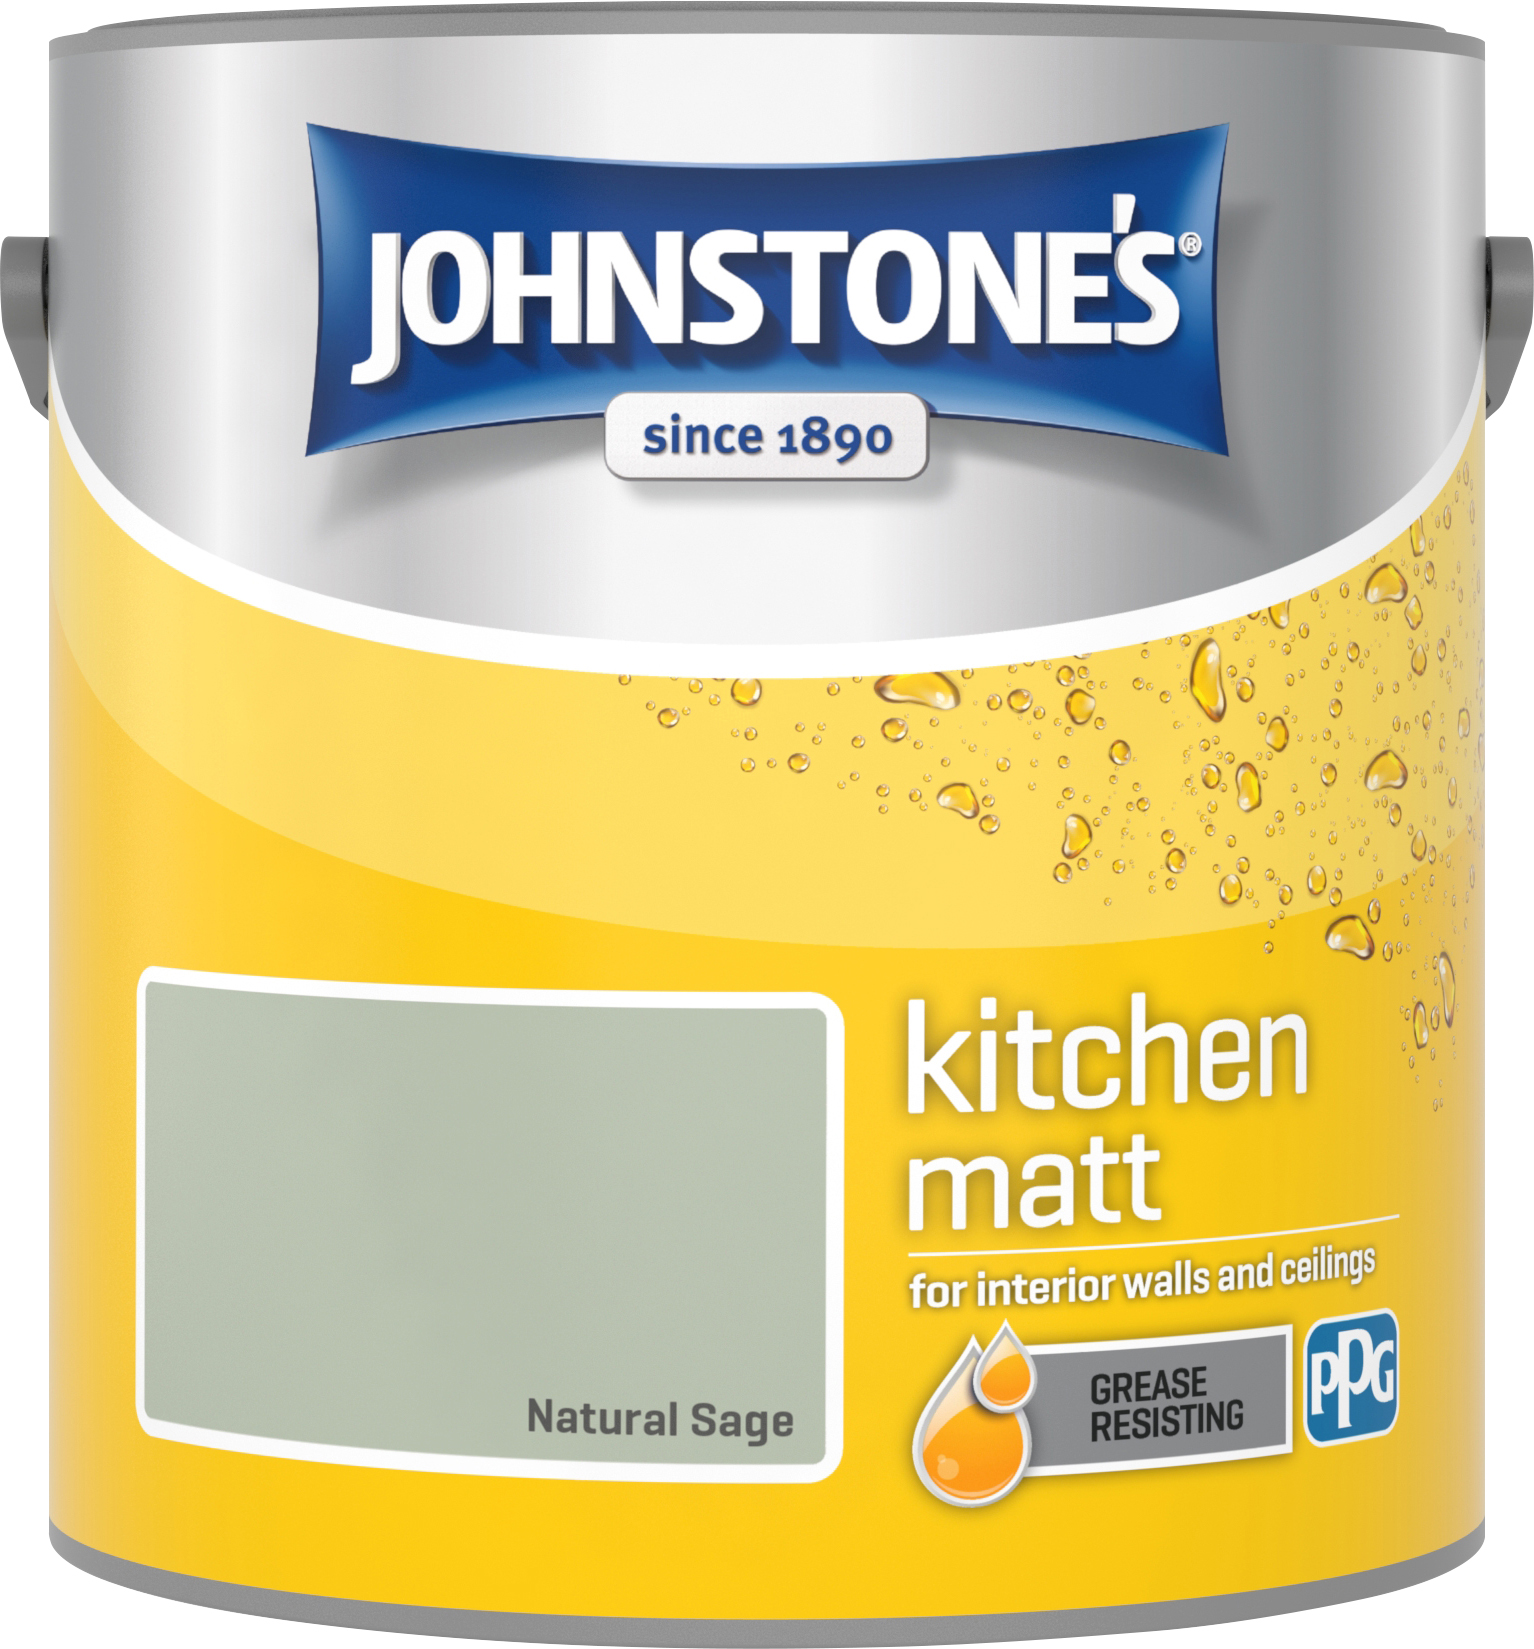 Johnstone's 2.5 Litre Kitchen Paint - Natural Sage